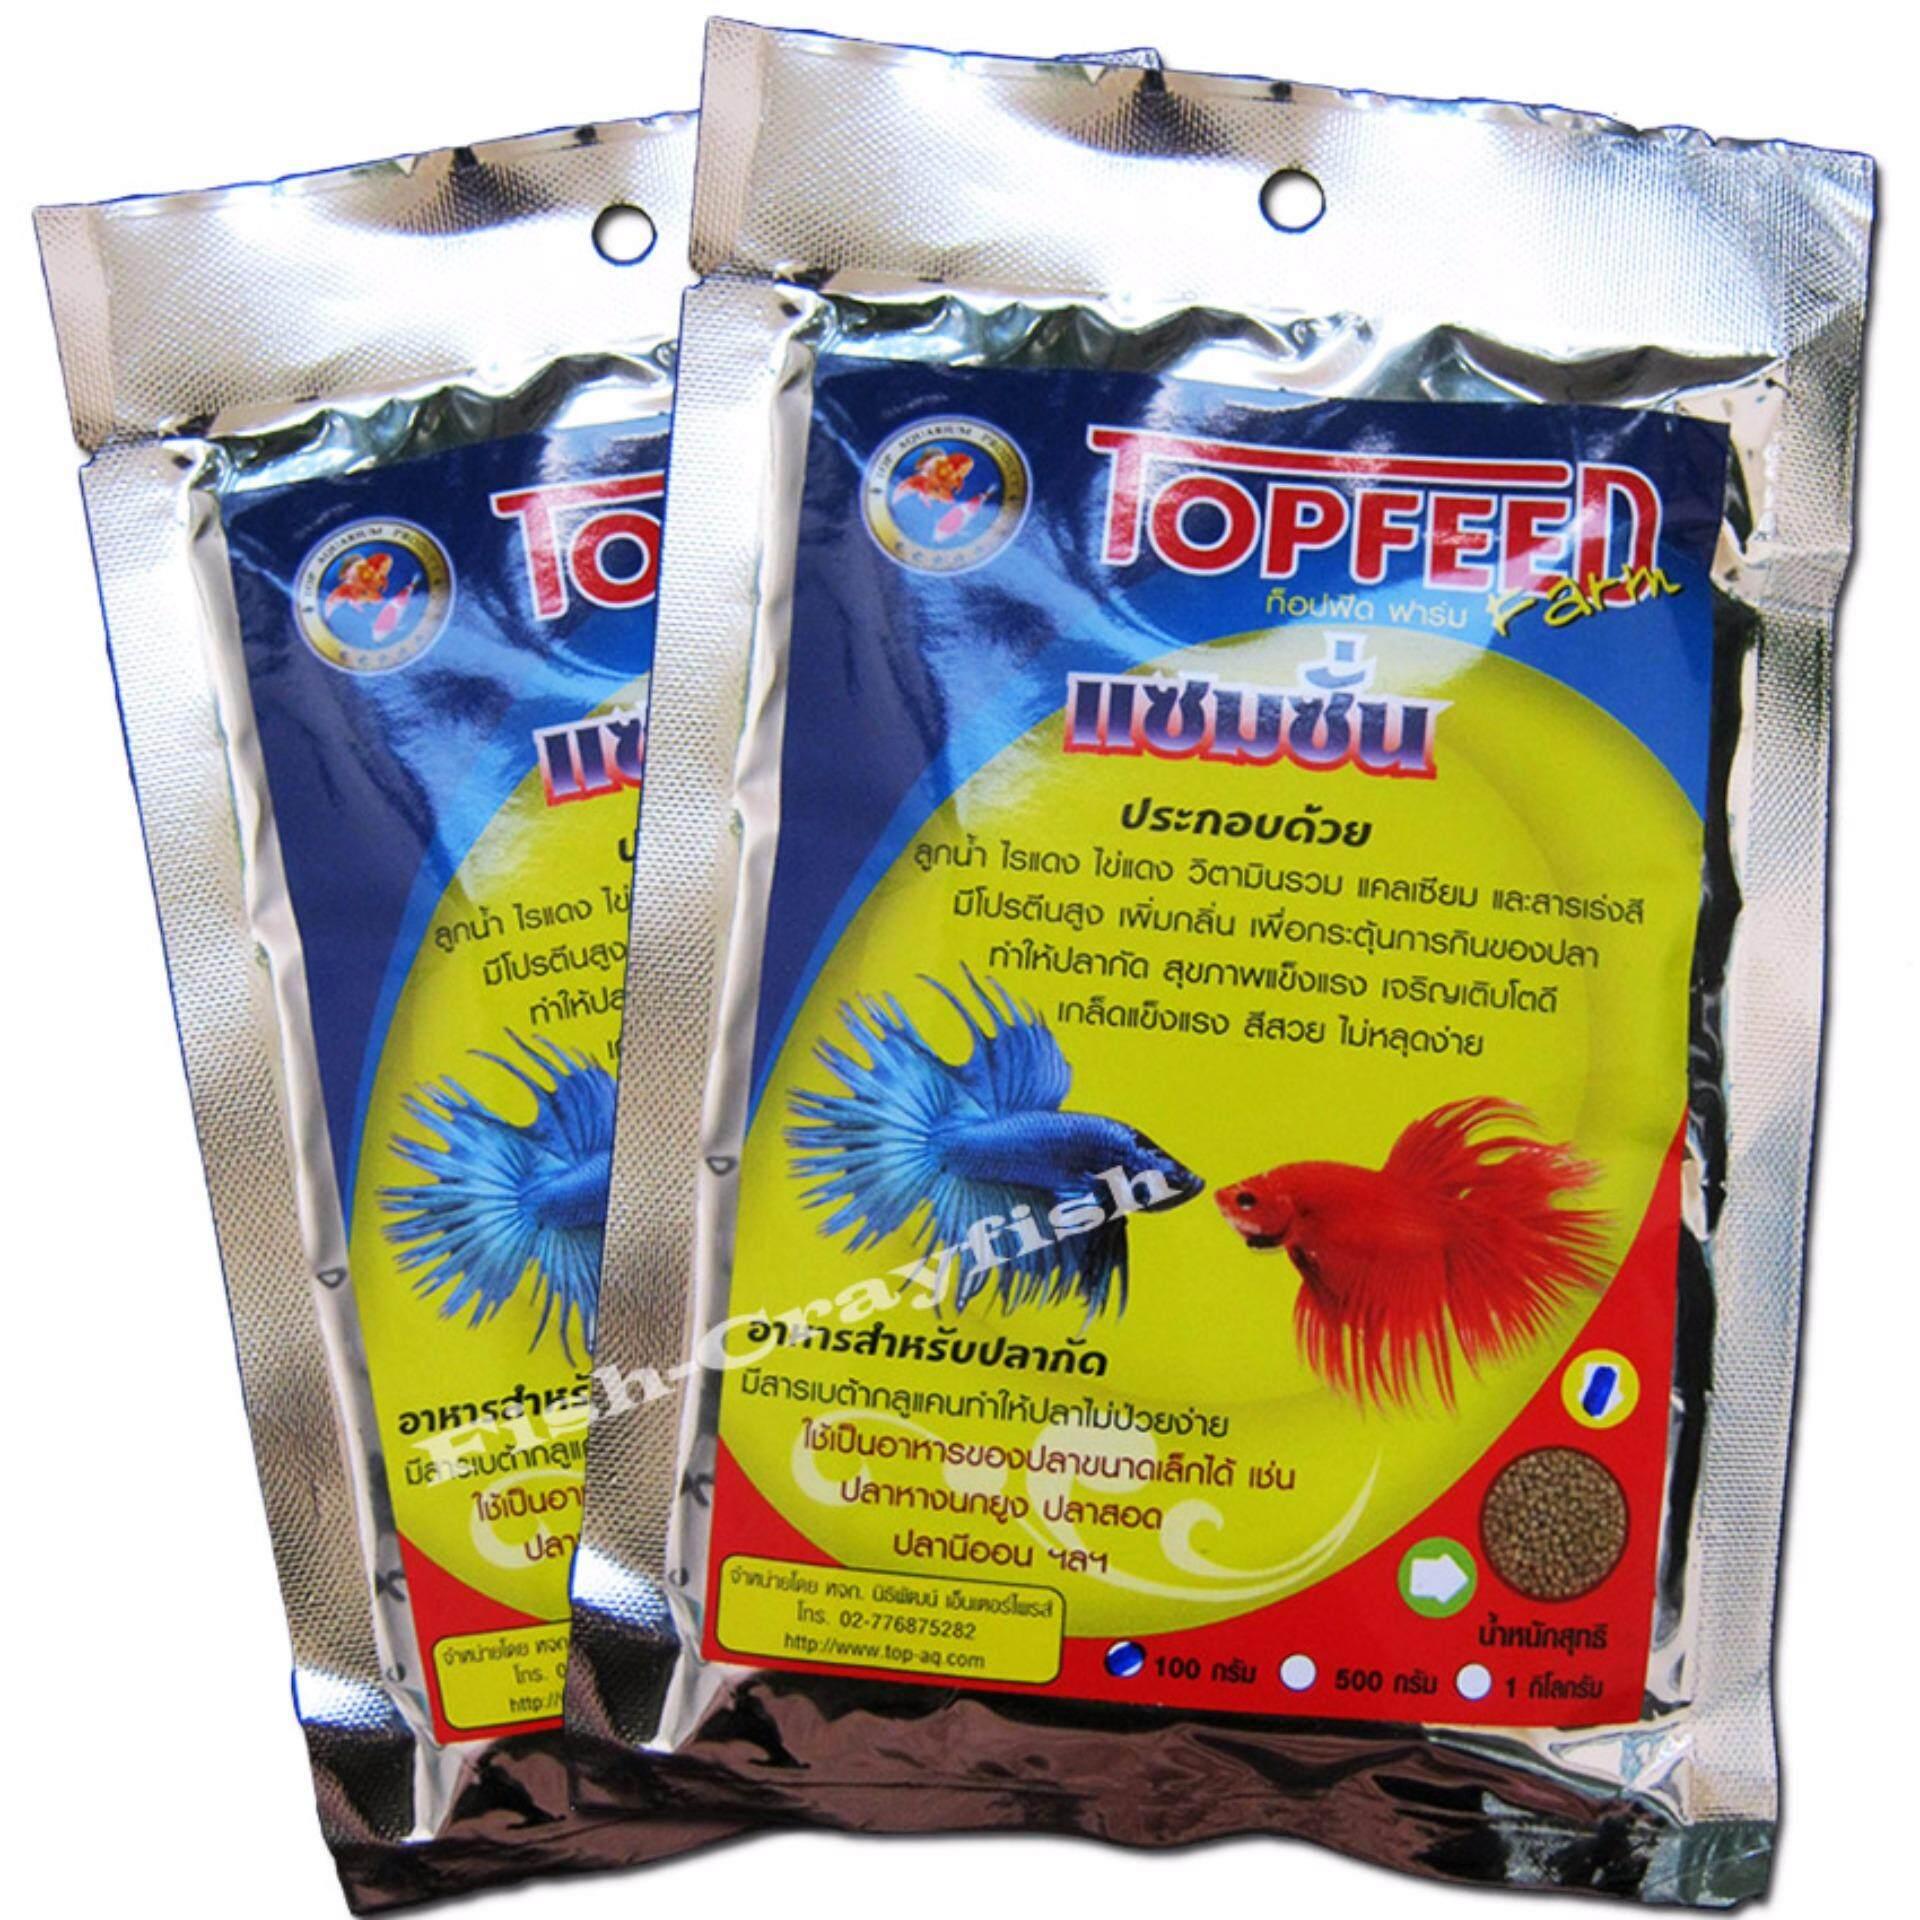 Fish-Crayfish 2 แพ็ค อาหารปลากัดชนิดลอยน้ำคุณภาพดี โปรตีนสูง มีสาหร่ายช่วยเร่งสี ขนาด100 กรัม จำนวน 2 แพ็ค